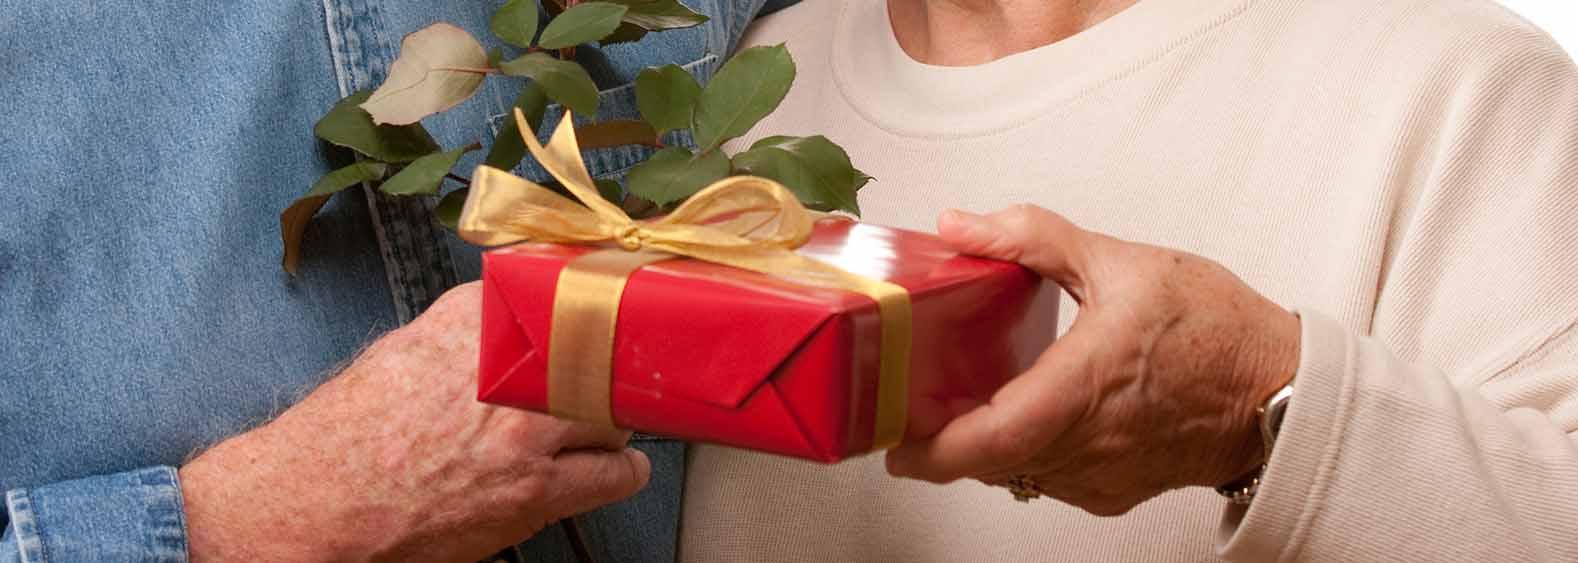 Vianočné darčeky pre babičku a dedka